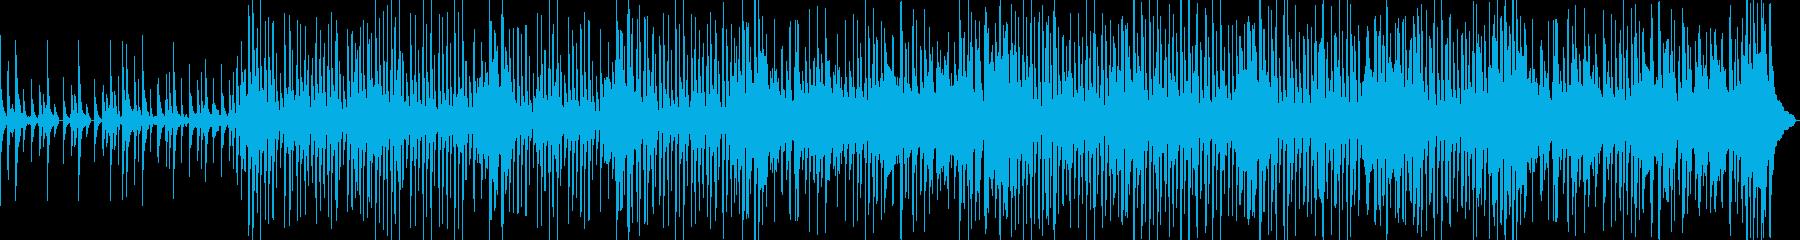 沖縄の三線合いの手を入れたドラムンベースの再生済みの波形